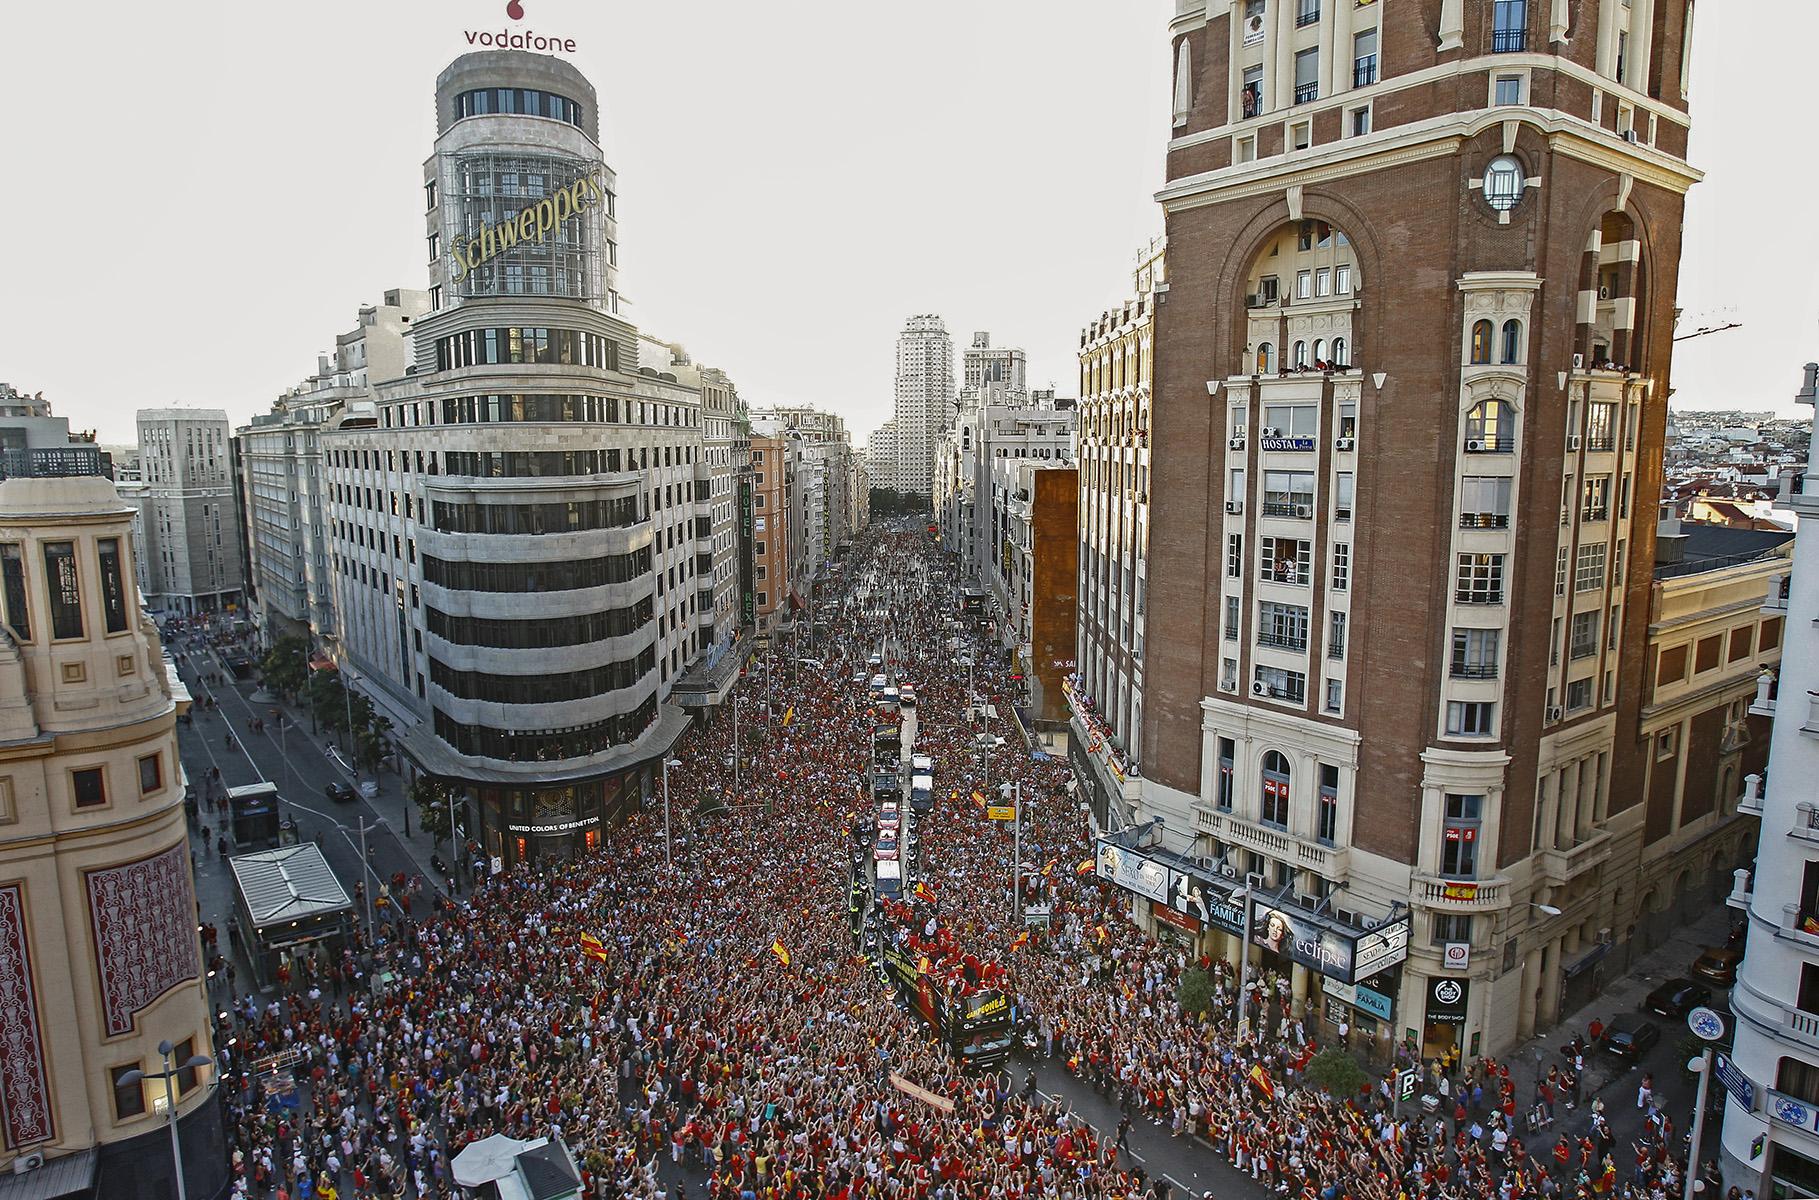 CELEBRACIONES DE LA SELECCION ESPAÑOLA DE FUTBOL POR LAS CALLES DE MADRID _ CAMPEONA DEL MUNDO 2010© www.albertoroldan.com / DIARIO LA RAZONJULIO 2010